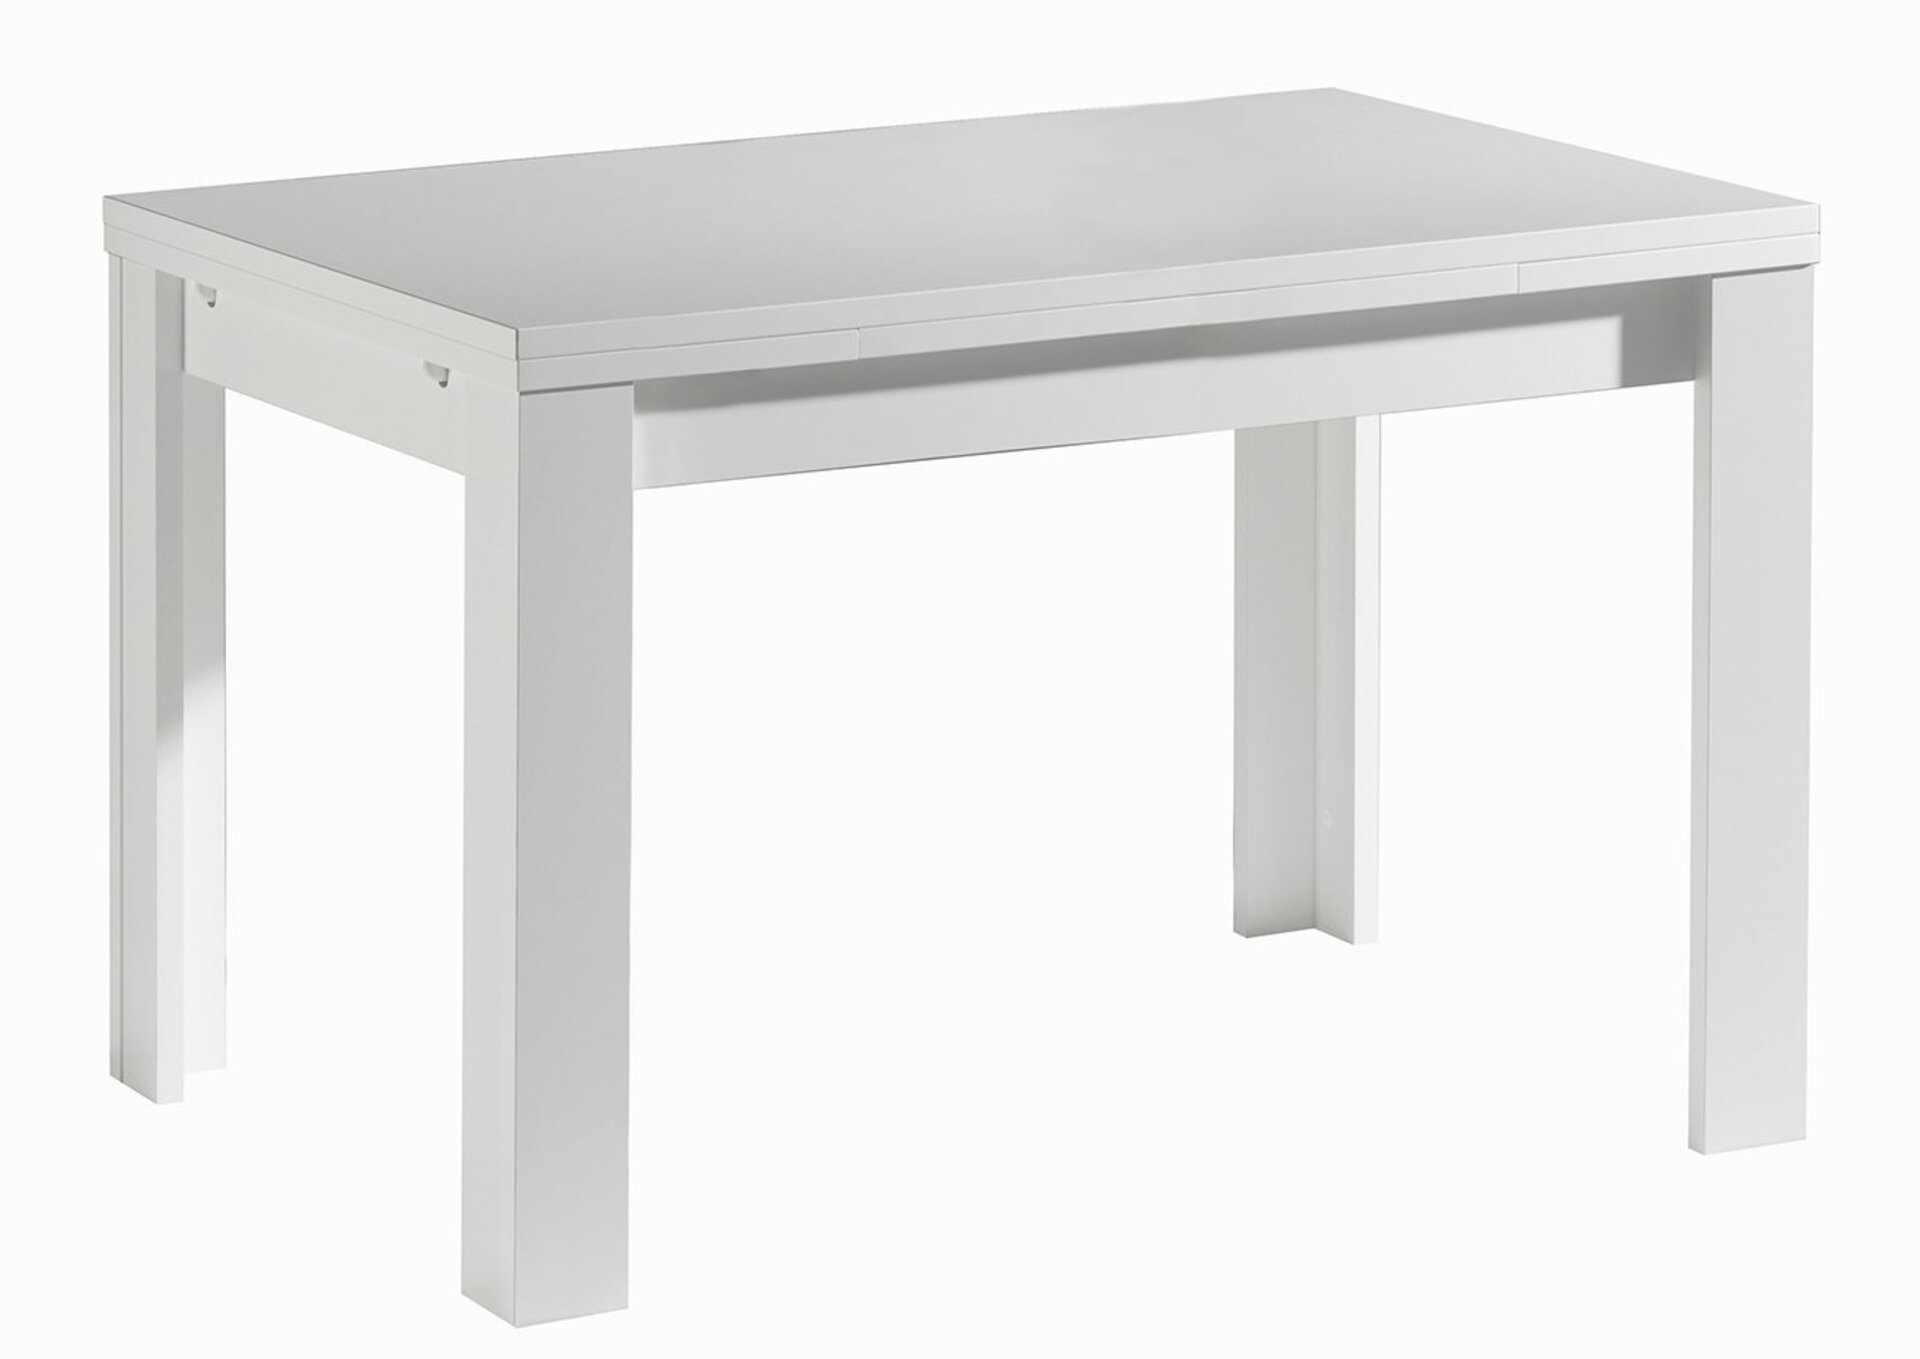 Tisch mit Ansteckplatte ZIP Mäusbacher Textil